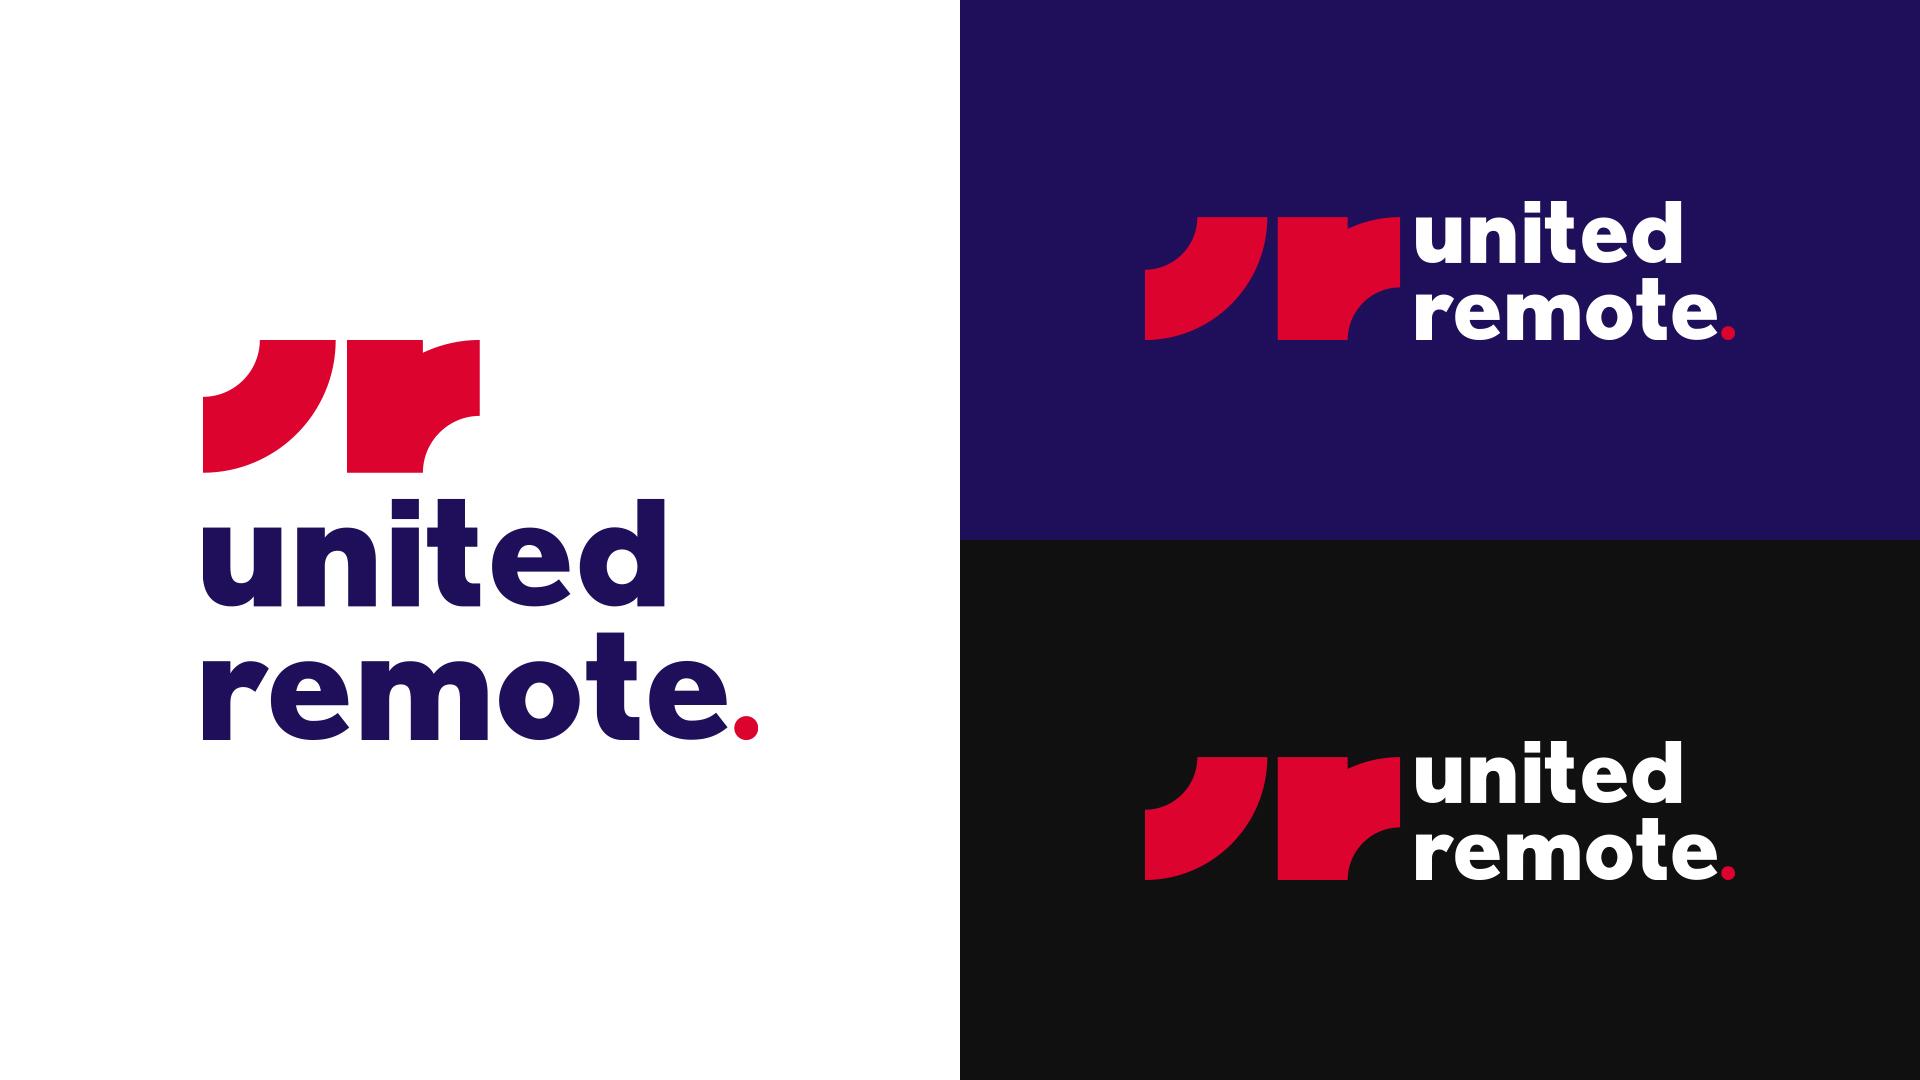 united remote logo design